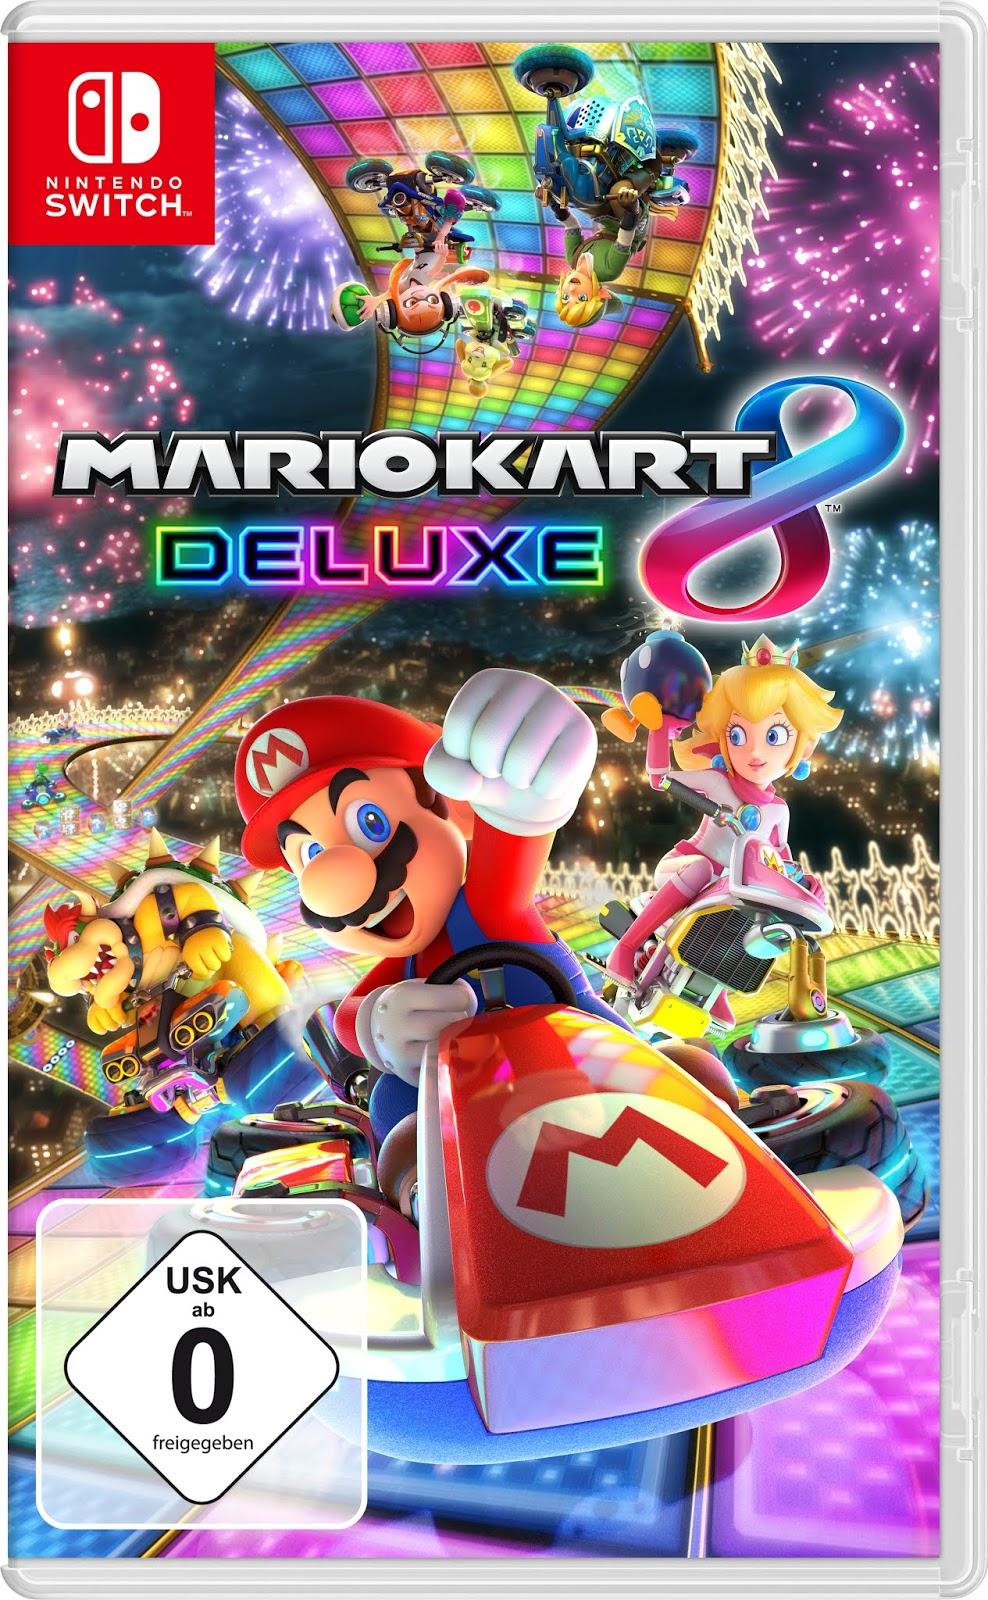 Spielen mit der Nintendo Switch und Super Mario Kart